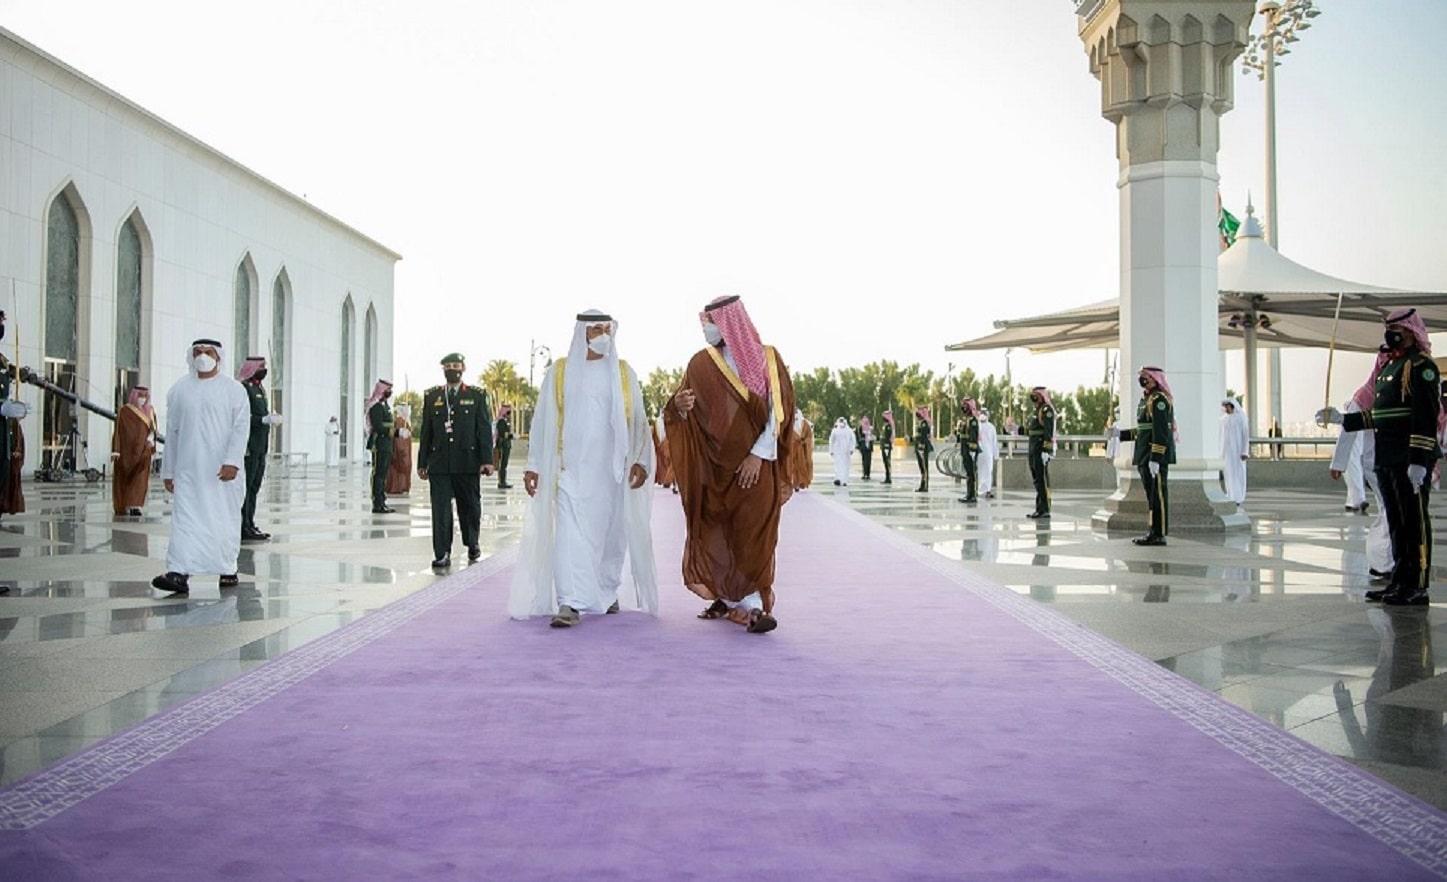 (شاهد) السجاد الملكي الجديد الذي أمر ابن سلمان بفرشه لاستقبال ابن زايد يثير الجدل!